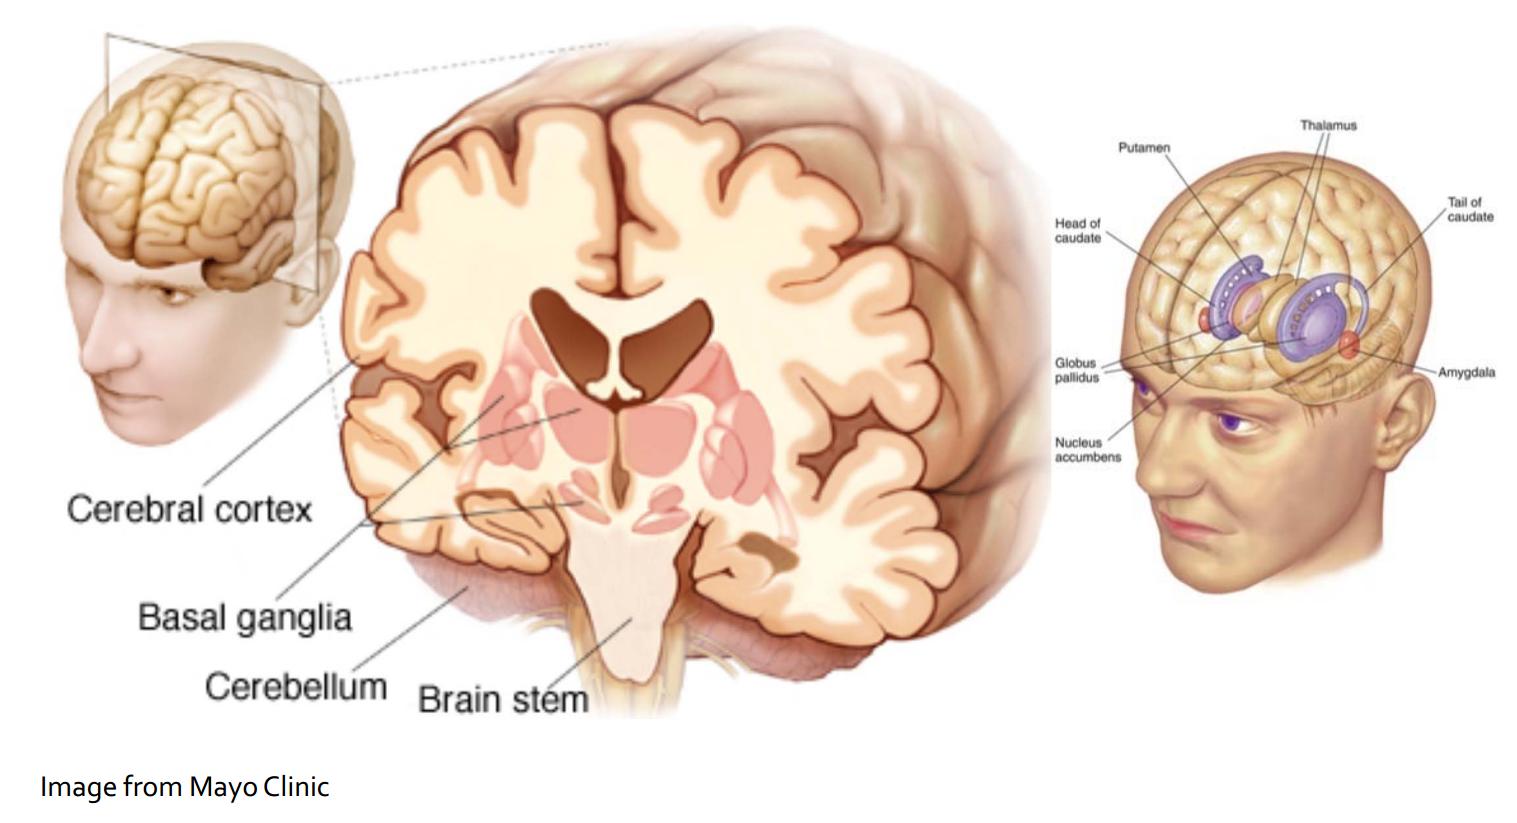 Логика сознания. Часть 6. Кора мозга как пространство вычисления смыслов - 3